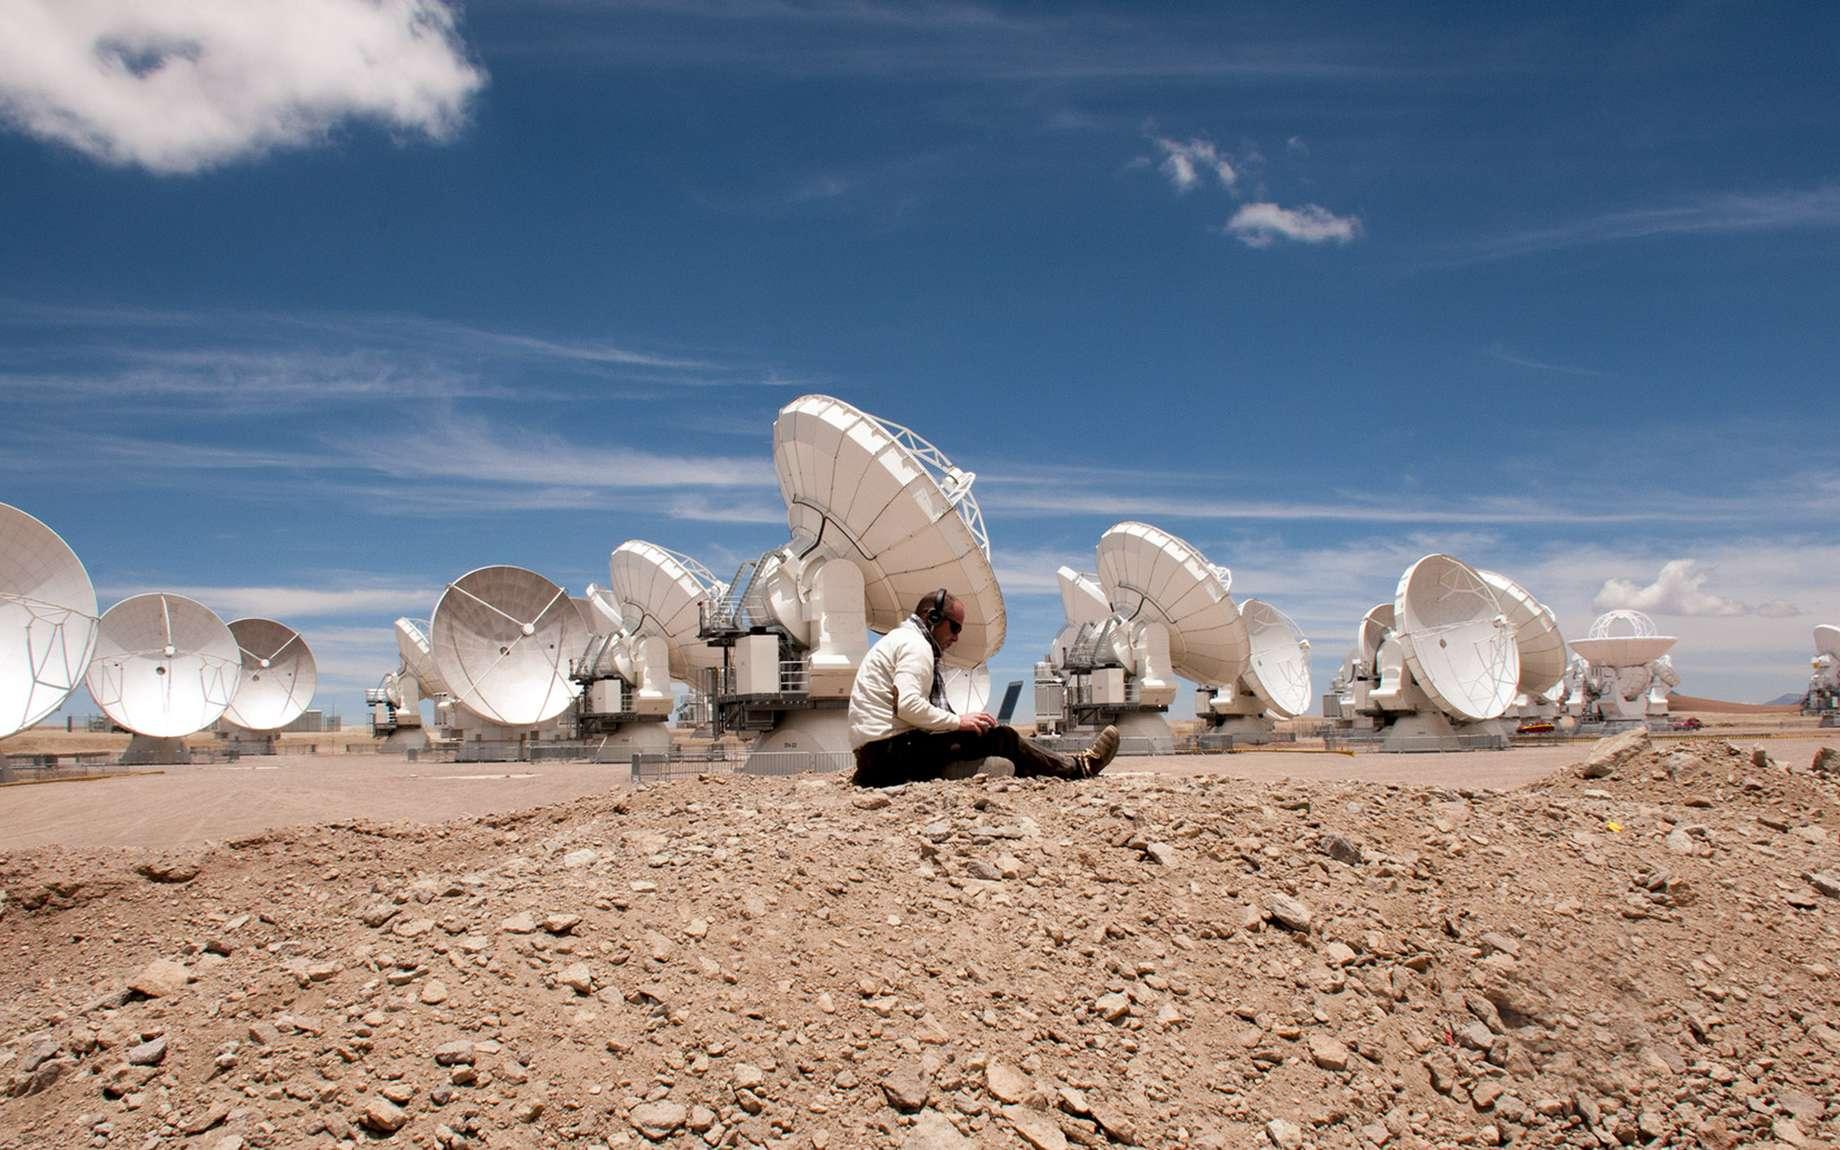 Une partie des antennes de l'observatoire Alma de l'ESO, situé à plus de 5.000 mètres d'altitude dans le désert d'Atacama, au Chili. © Rémy Decourt